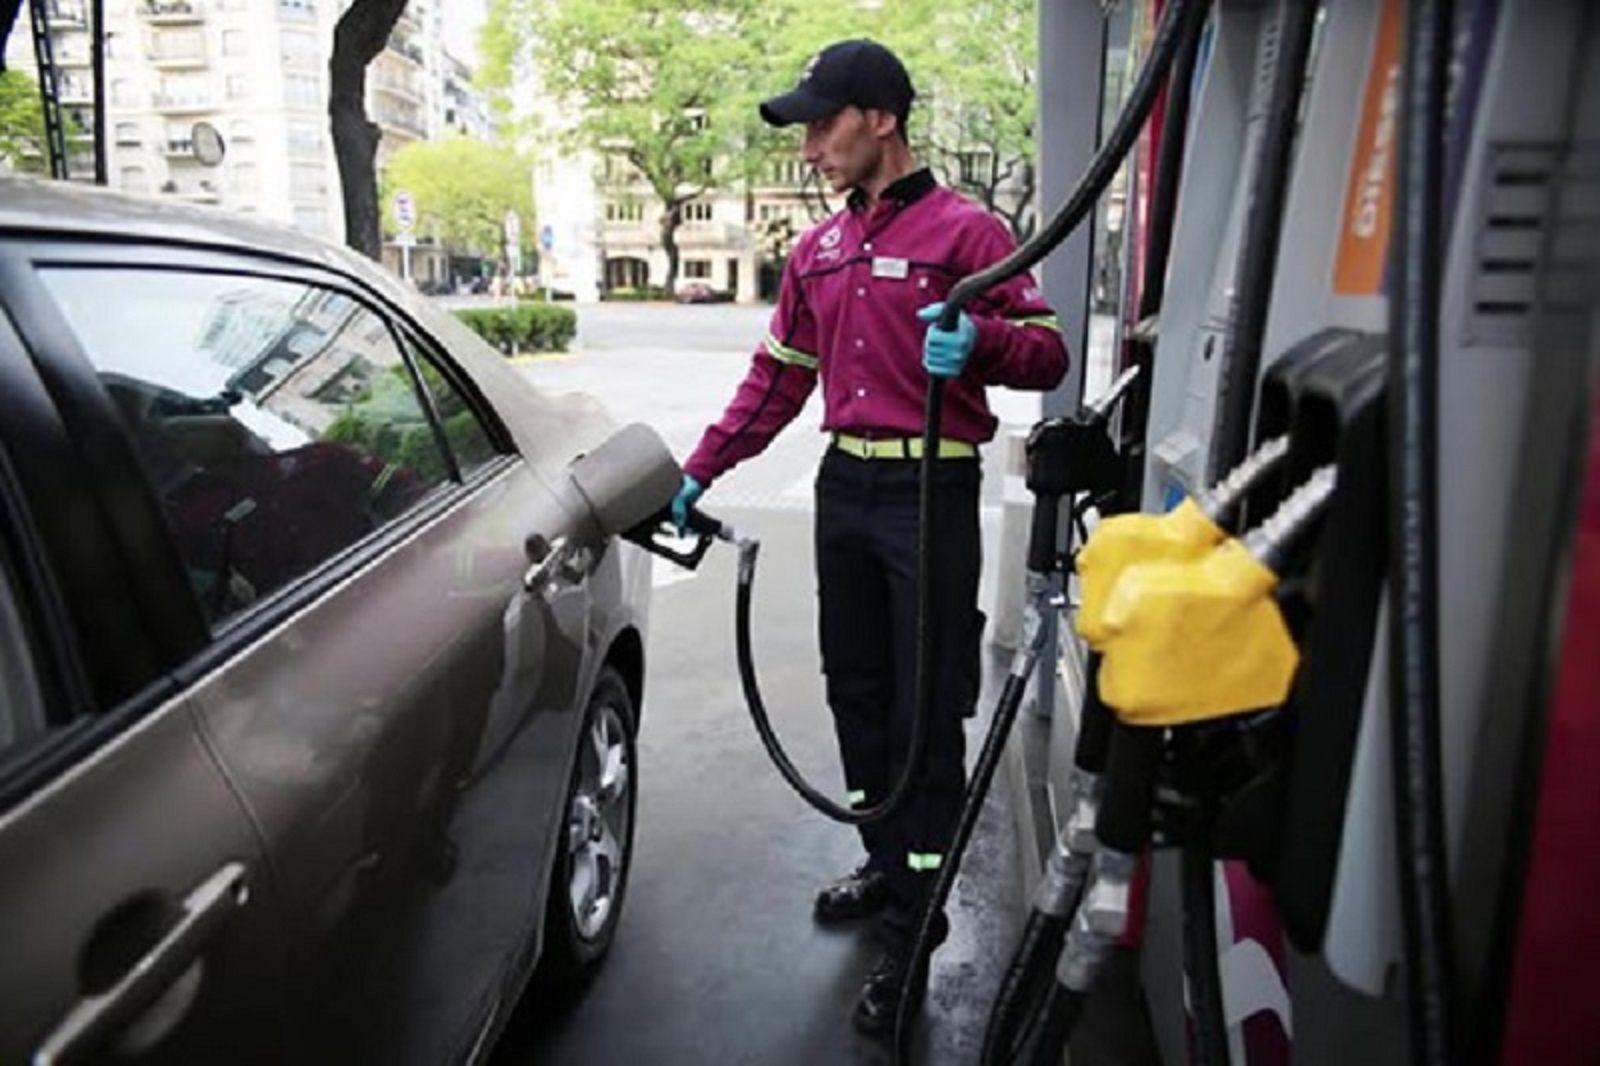 La nafta podría subir más de un 10% por la escalada del dólar